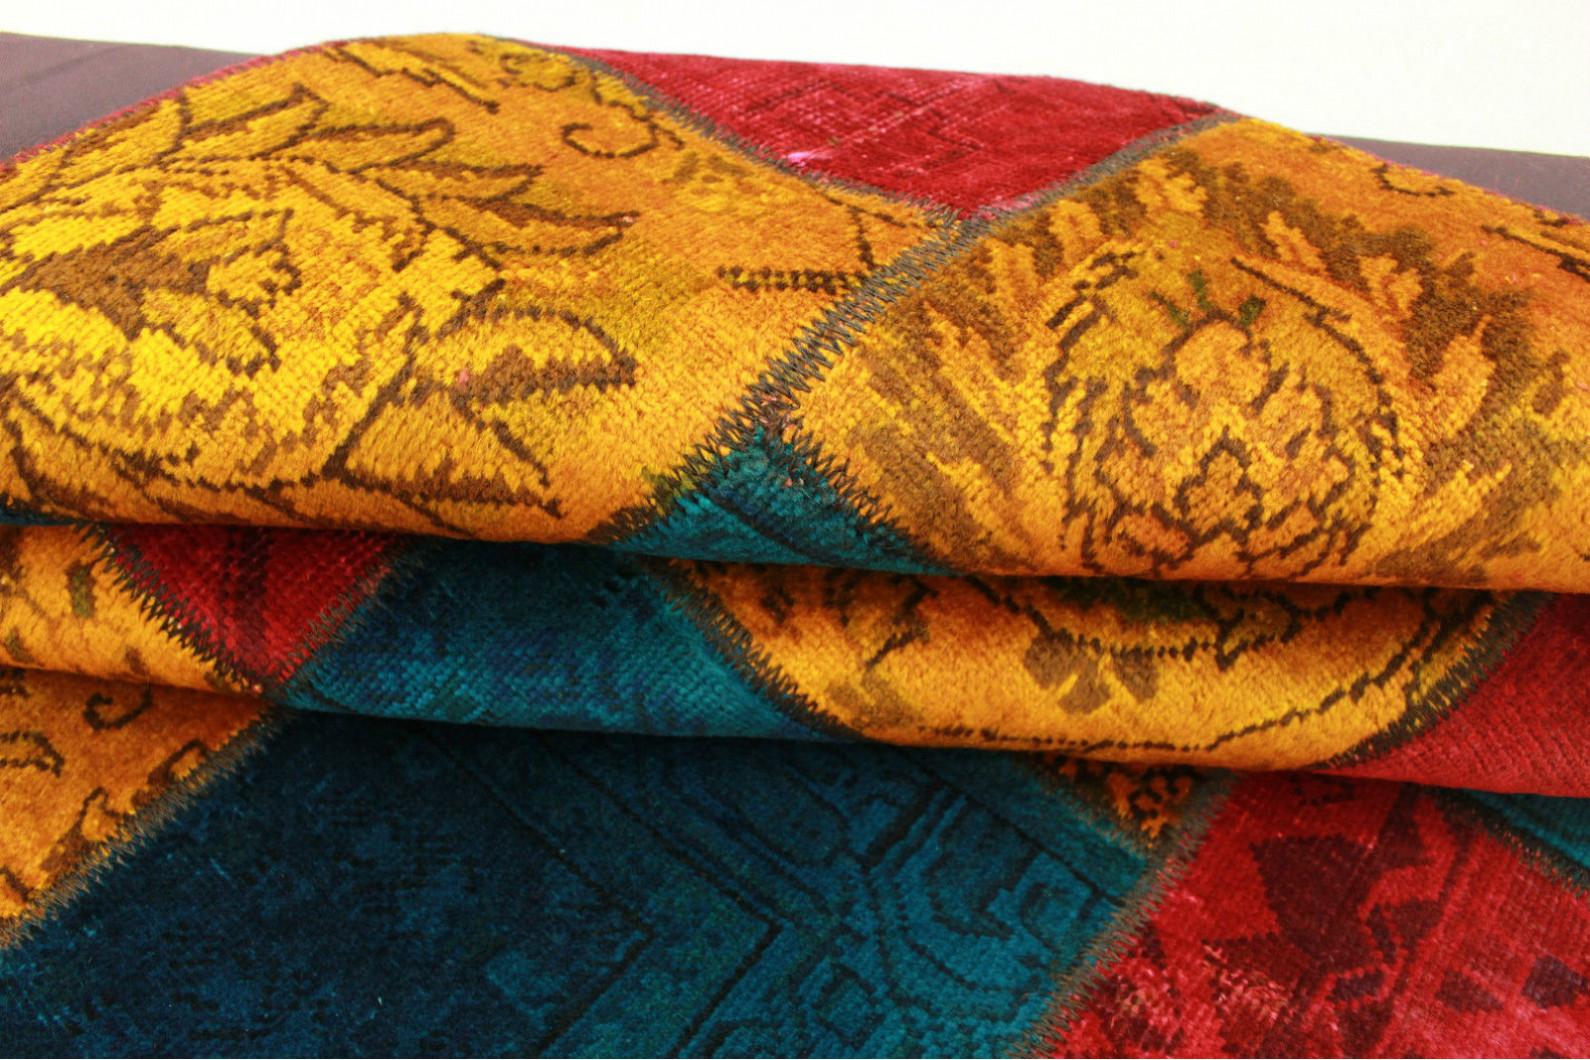 patchwork teppich orange rot blau in 200x150cm 1001 2027 bei kaufen. Black Bedroom Furniture Sets. Home Design Ideas